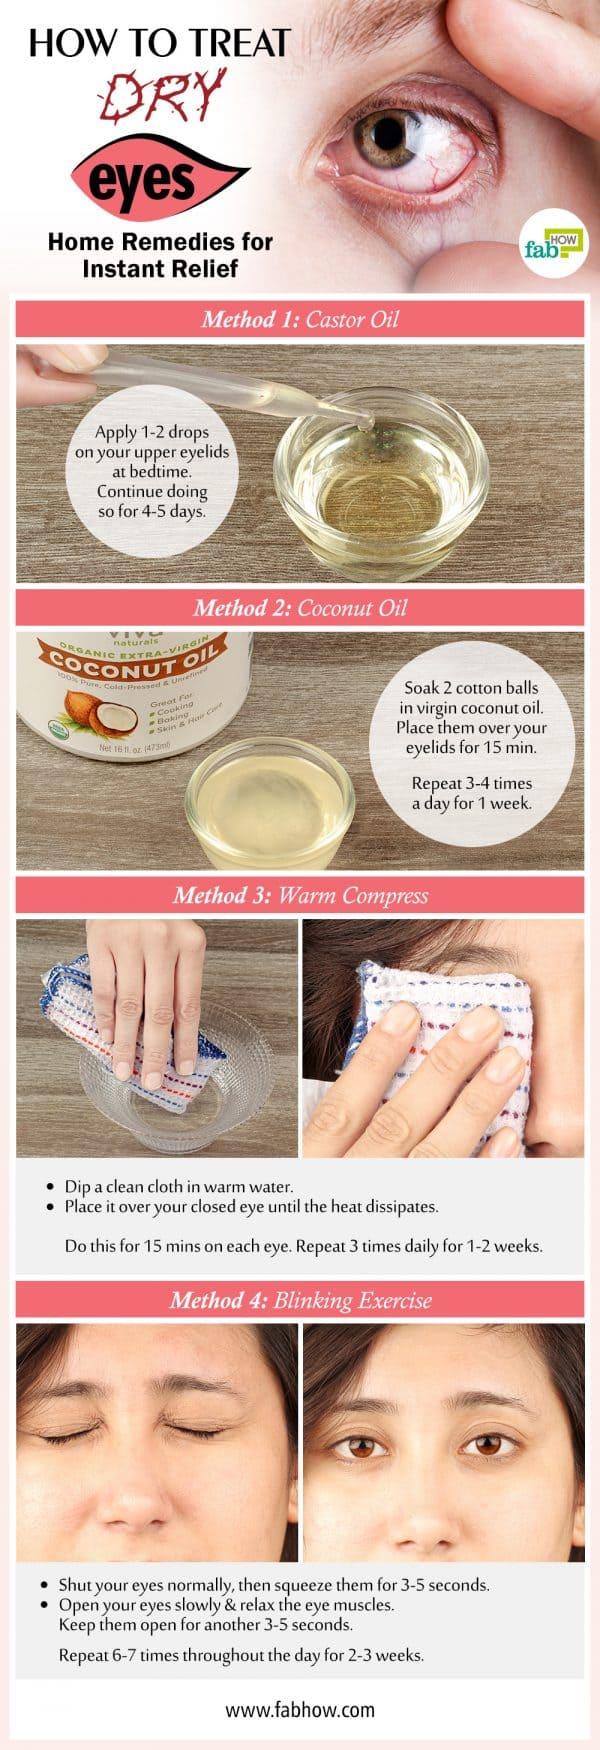 How to Treat Dry Eyes Summary